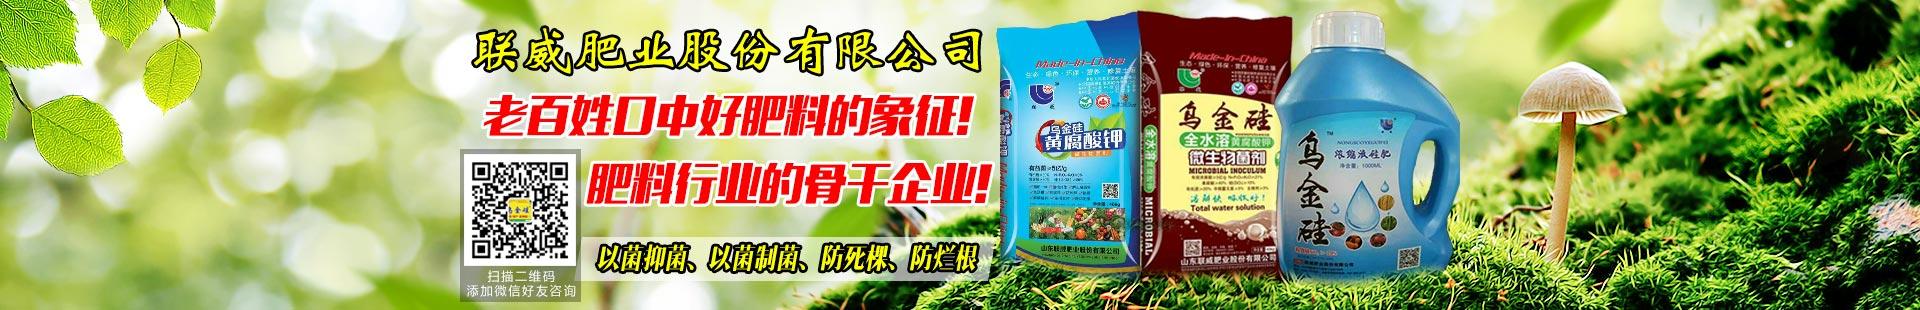 山东联威肥业股份有限公司